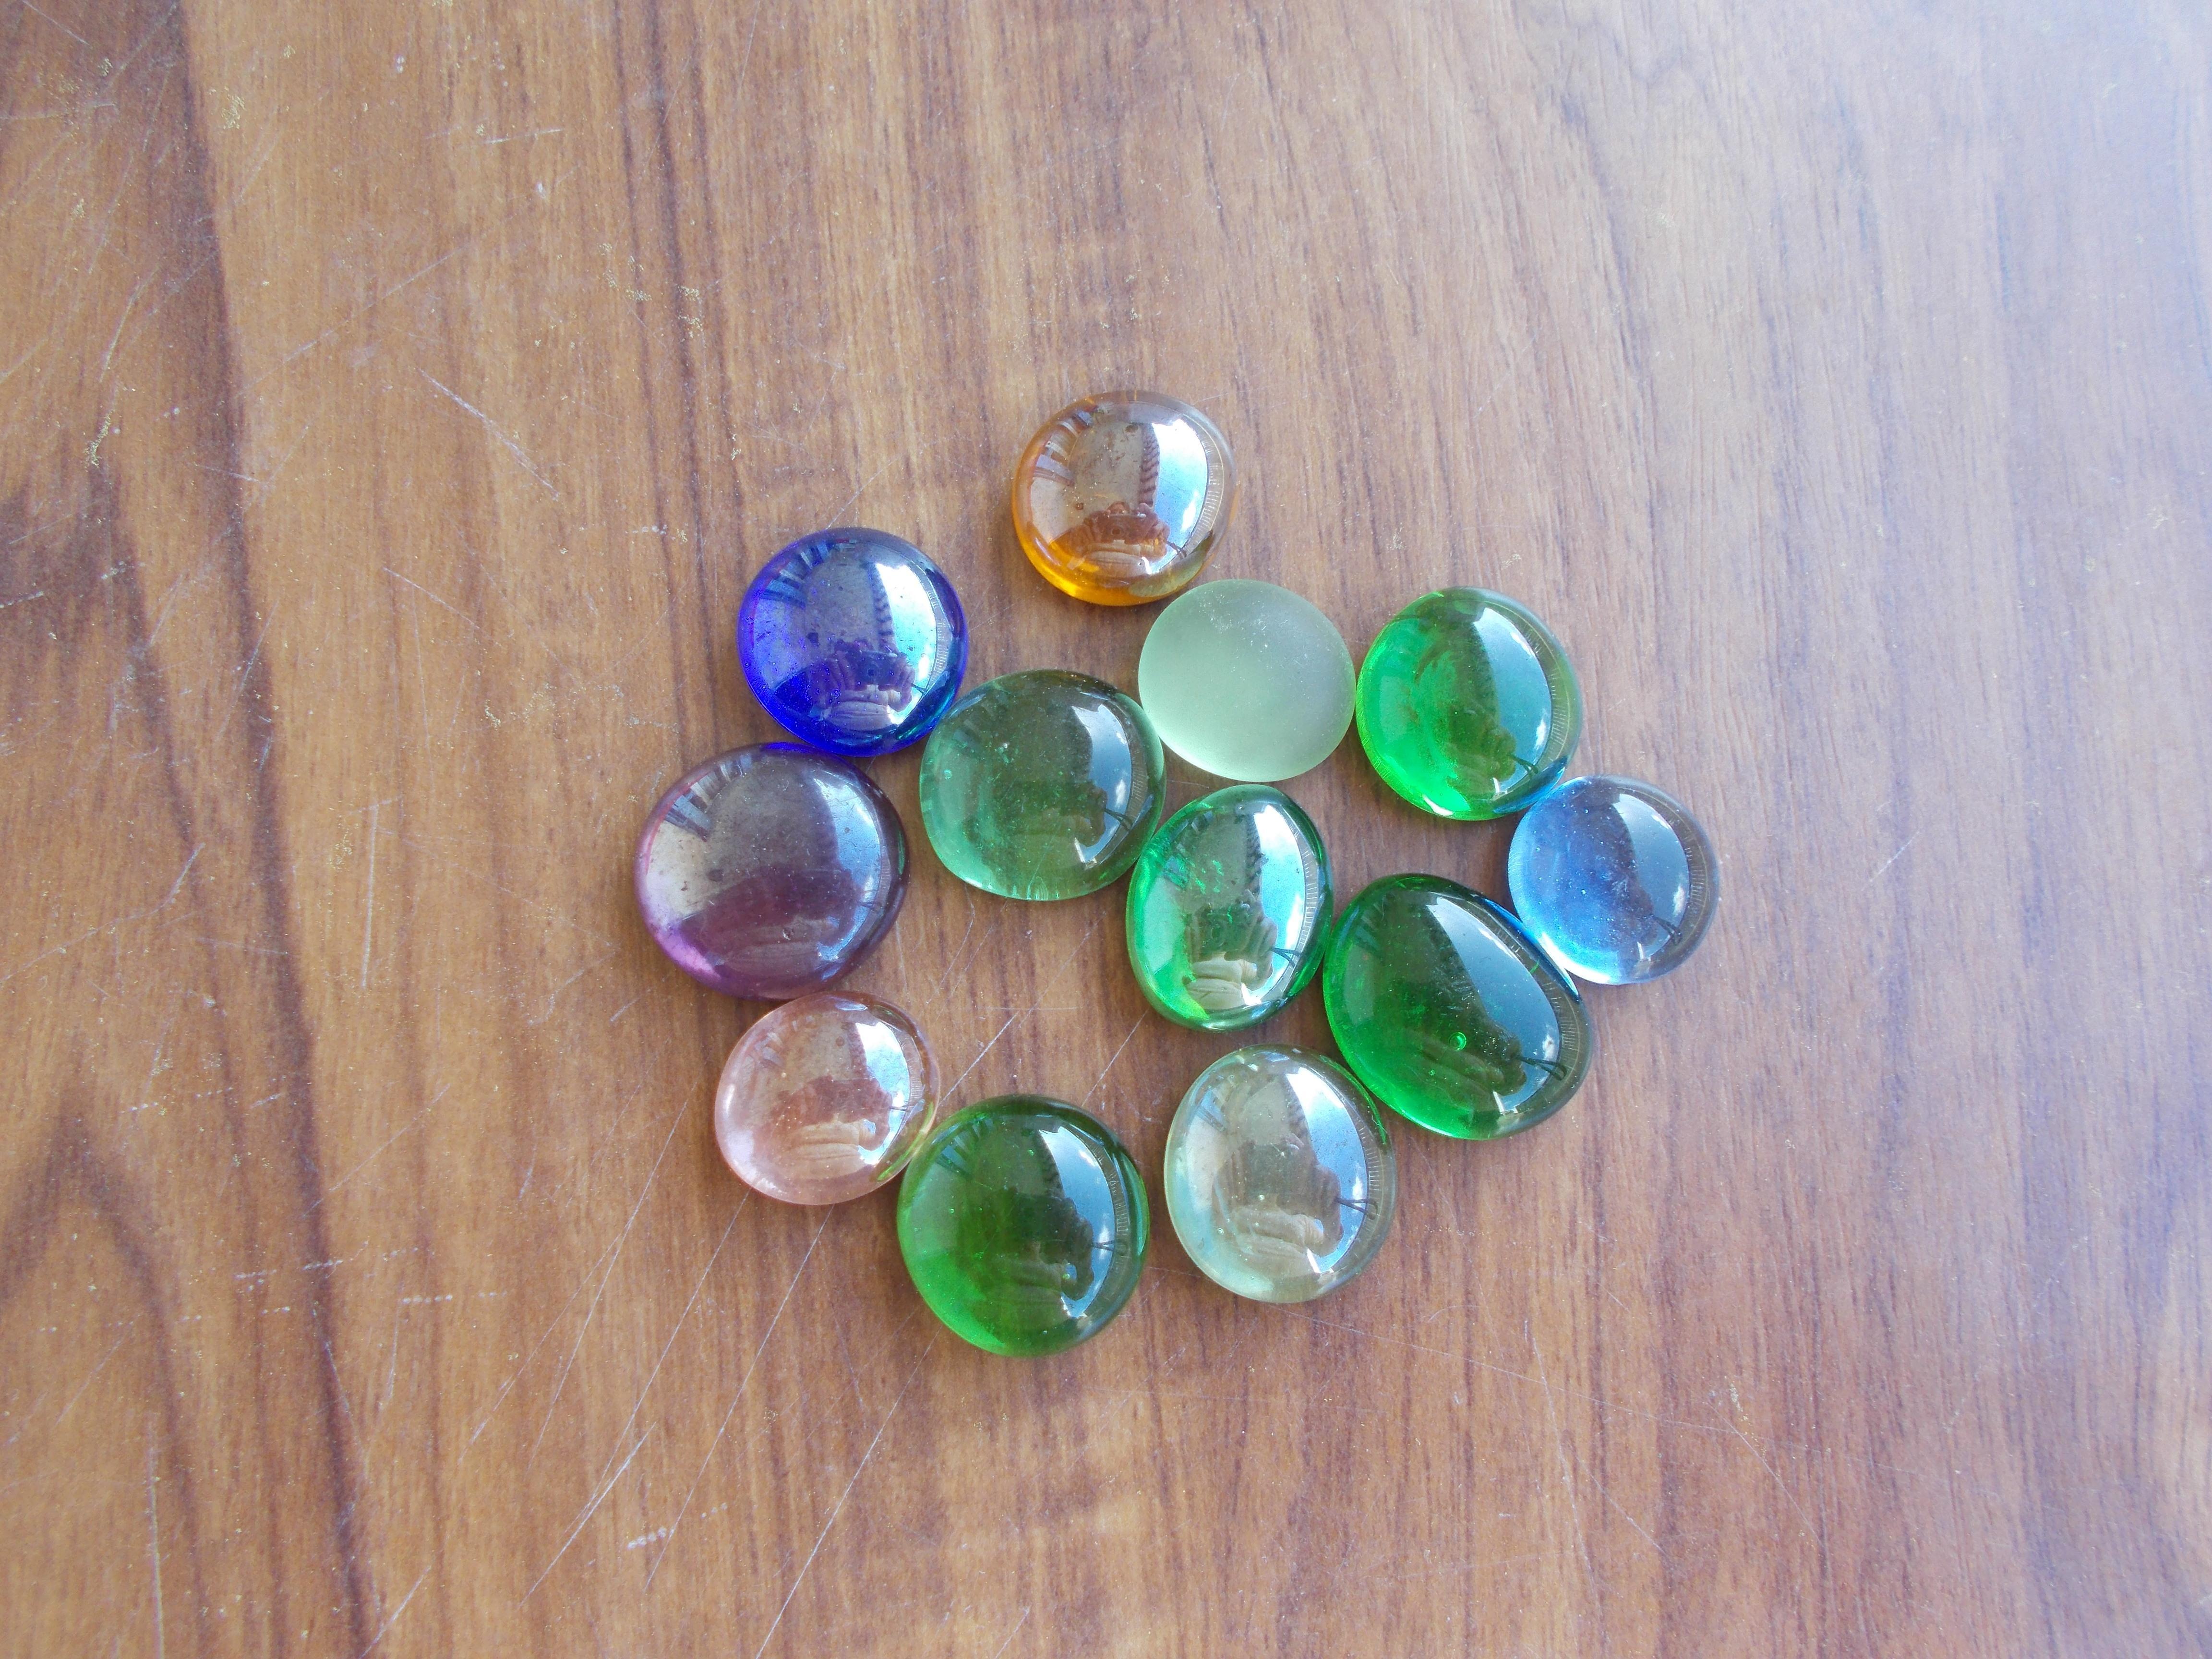 troc de troc petits galets colores image 0